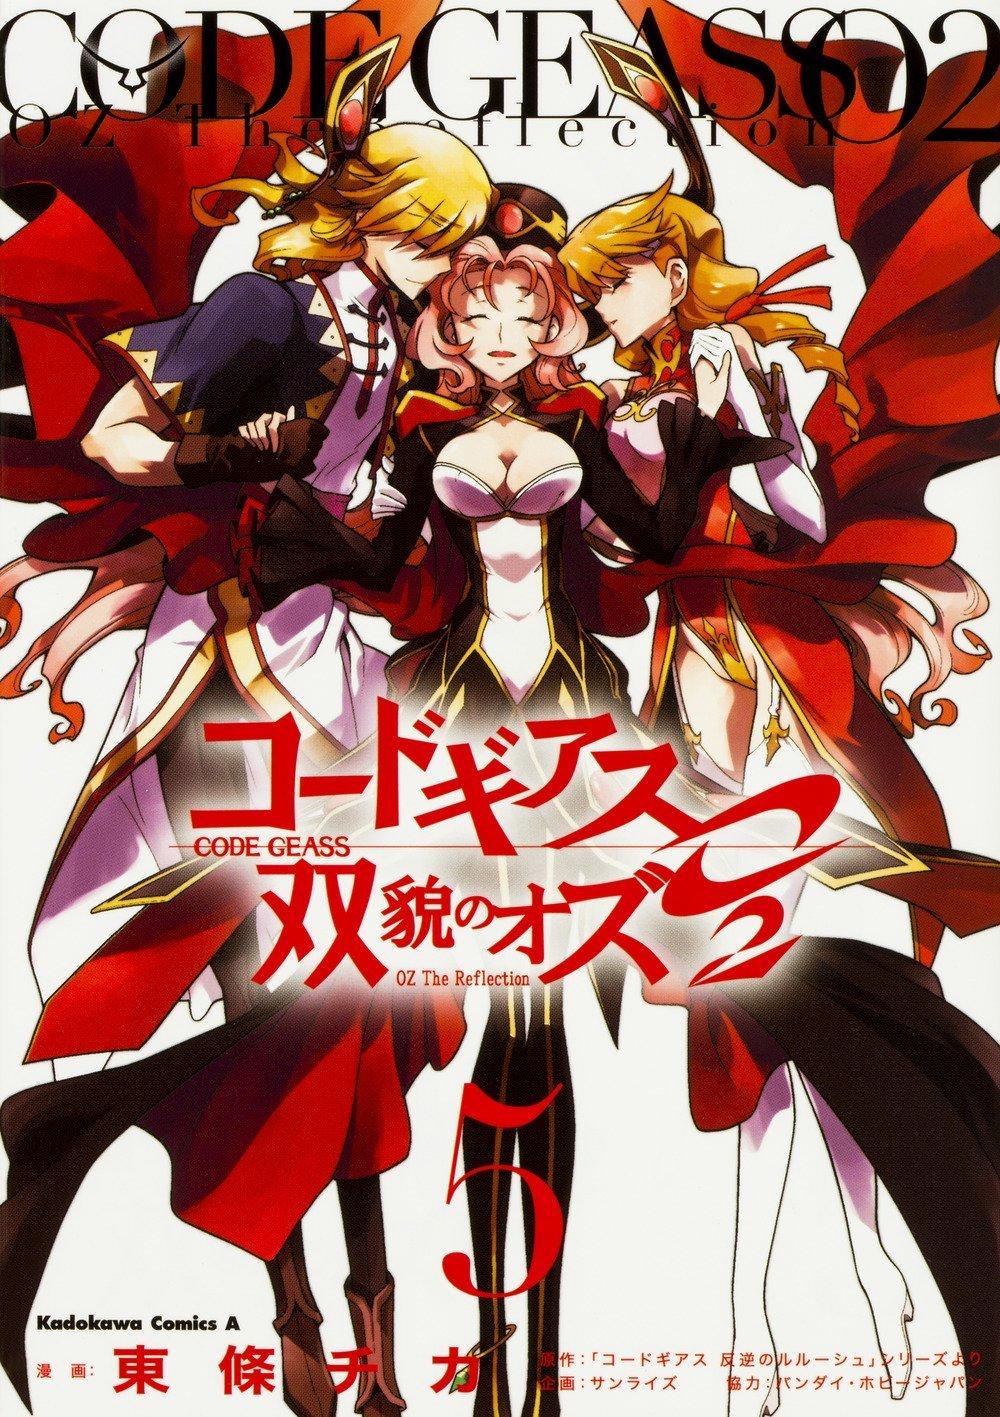 やっぱり好きなアニメ作品は『コードギアス』!